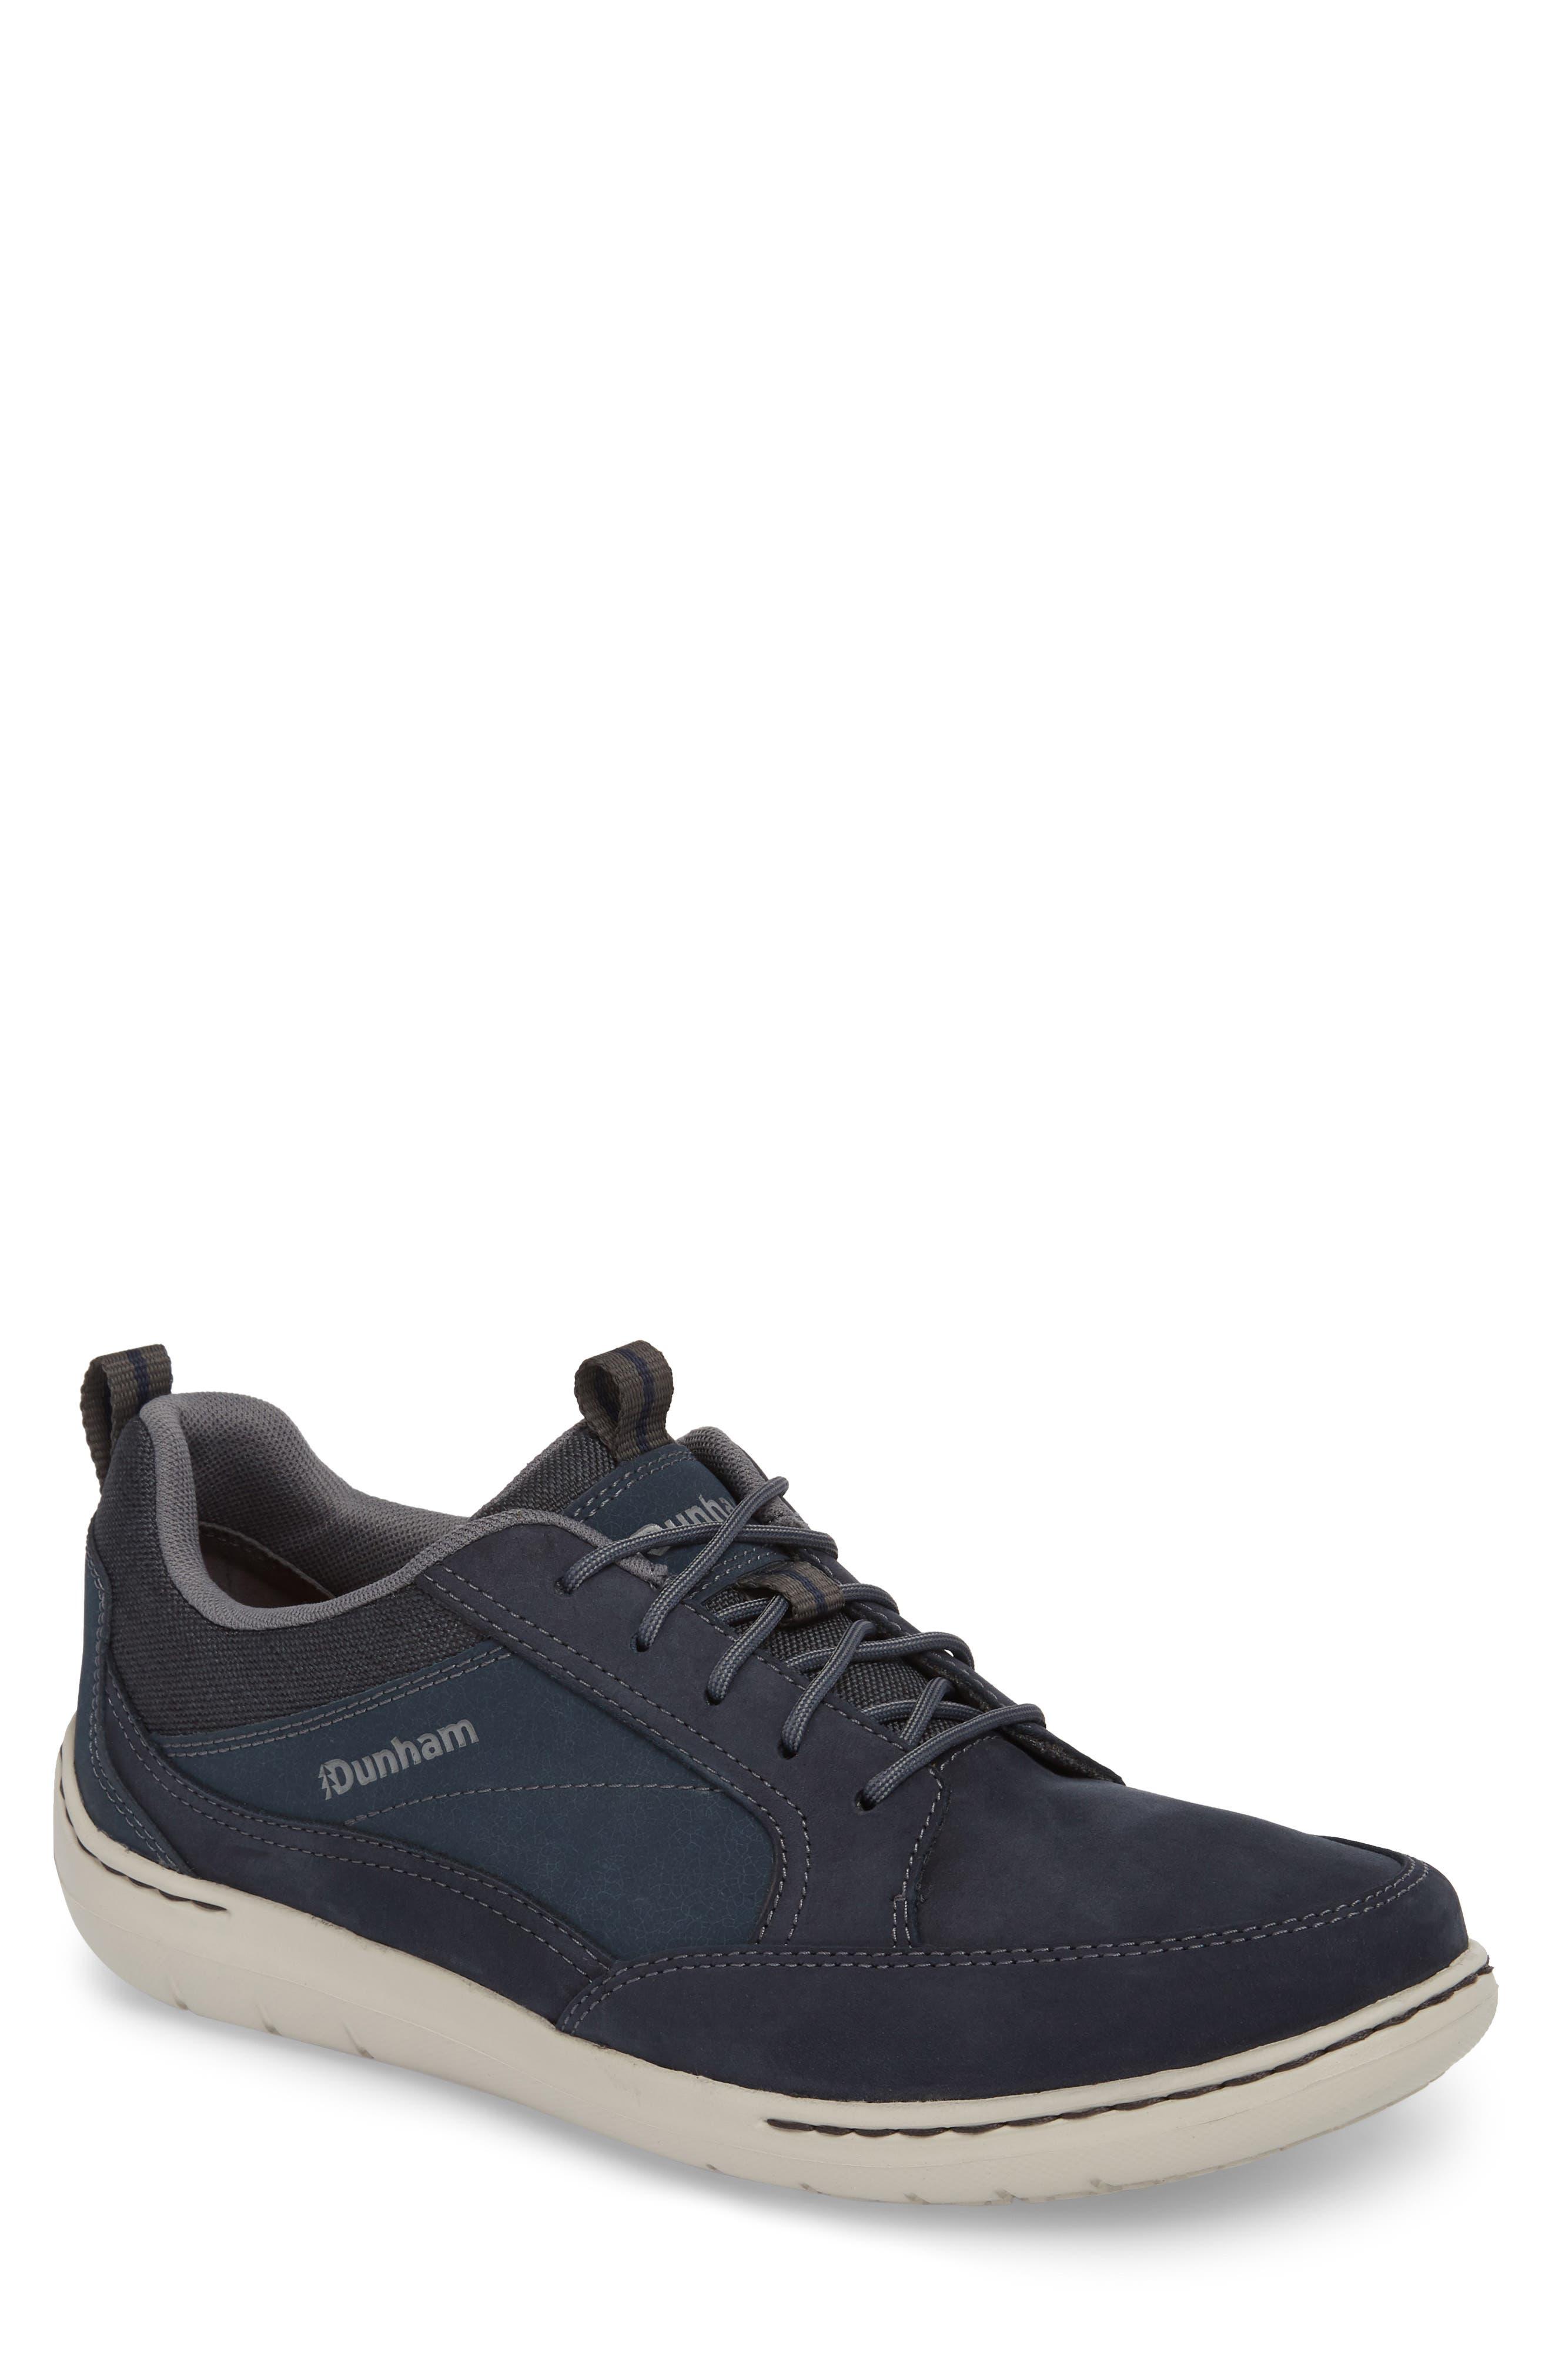 Dunham D Fit Smart Sneaker, EE - Blue